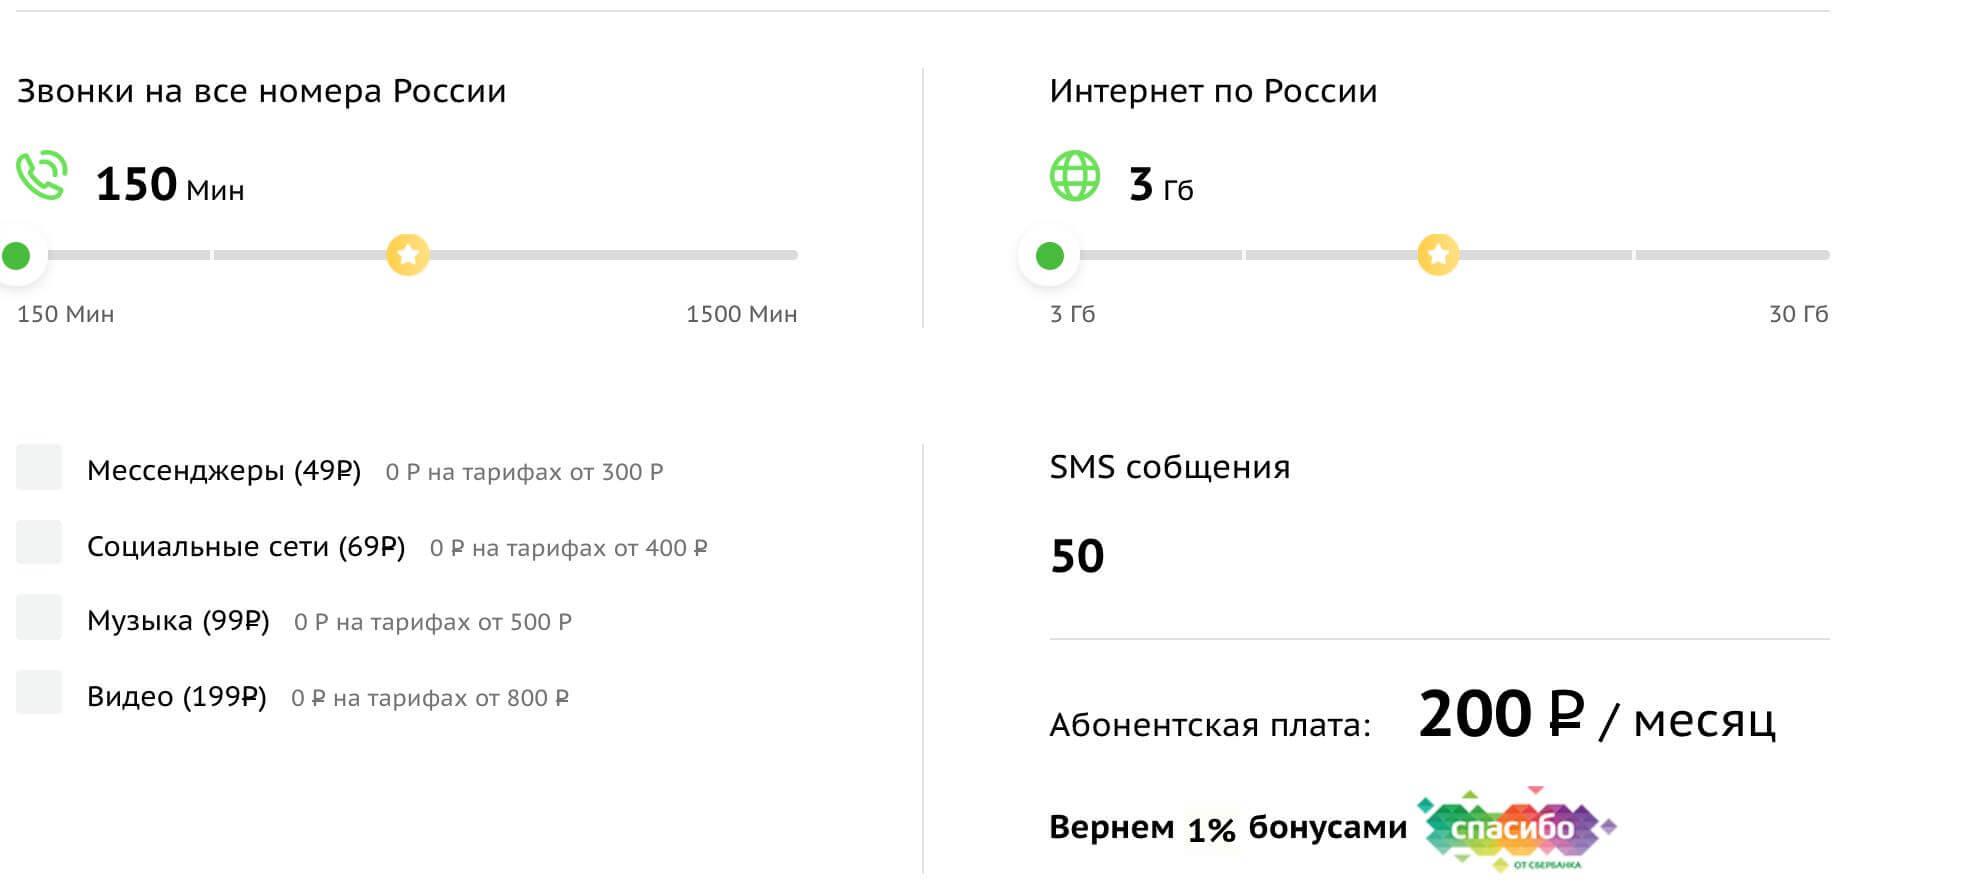 рейтинг сотовых операторов россии